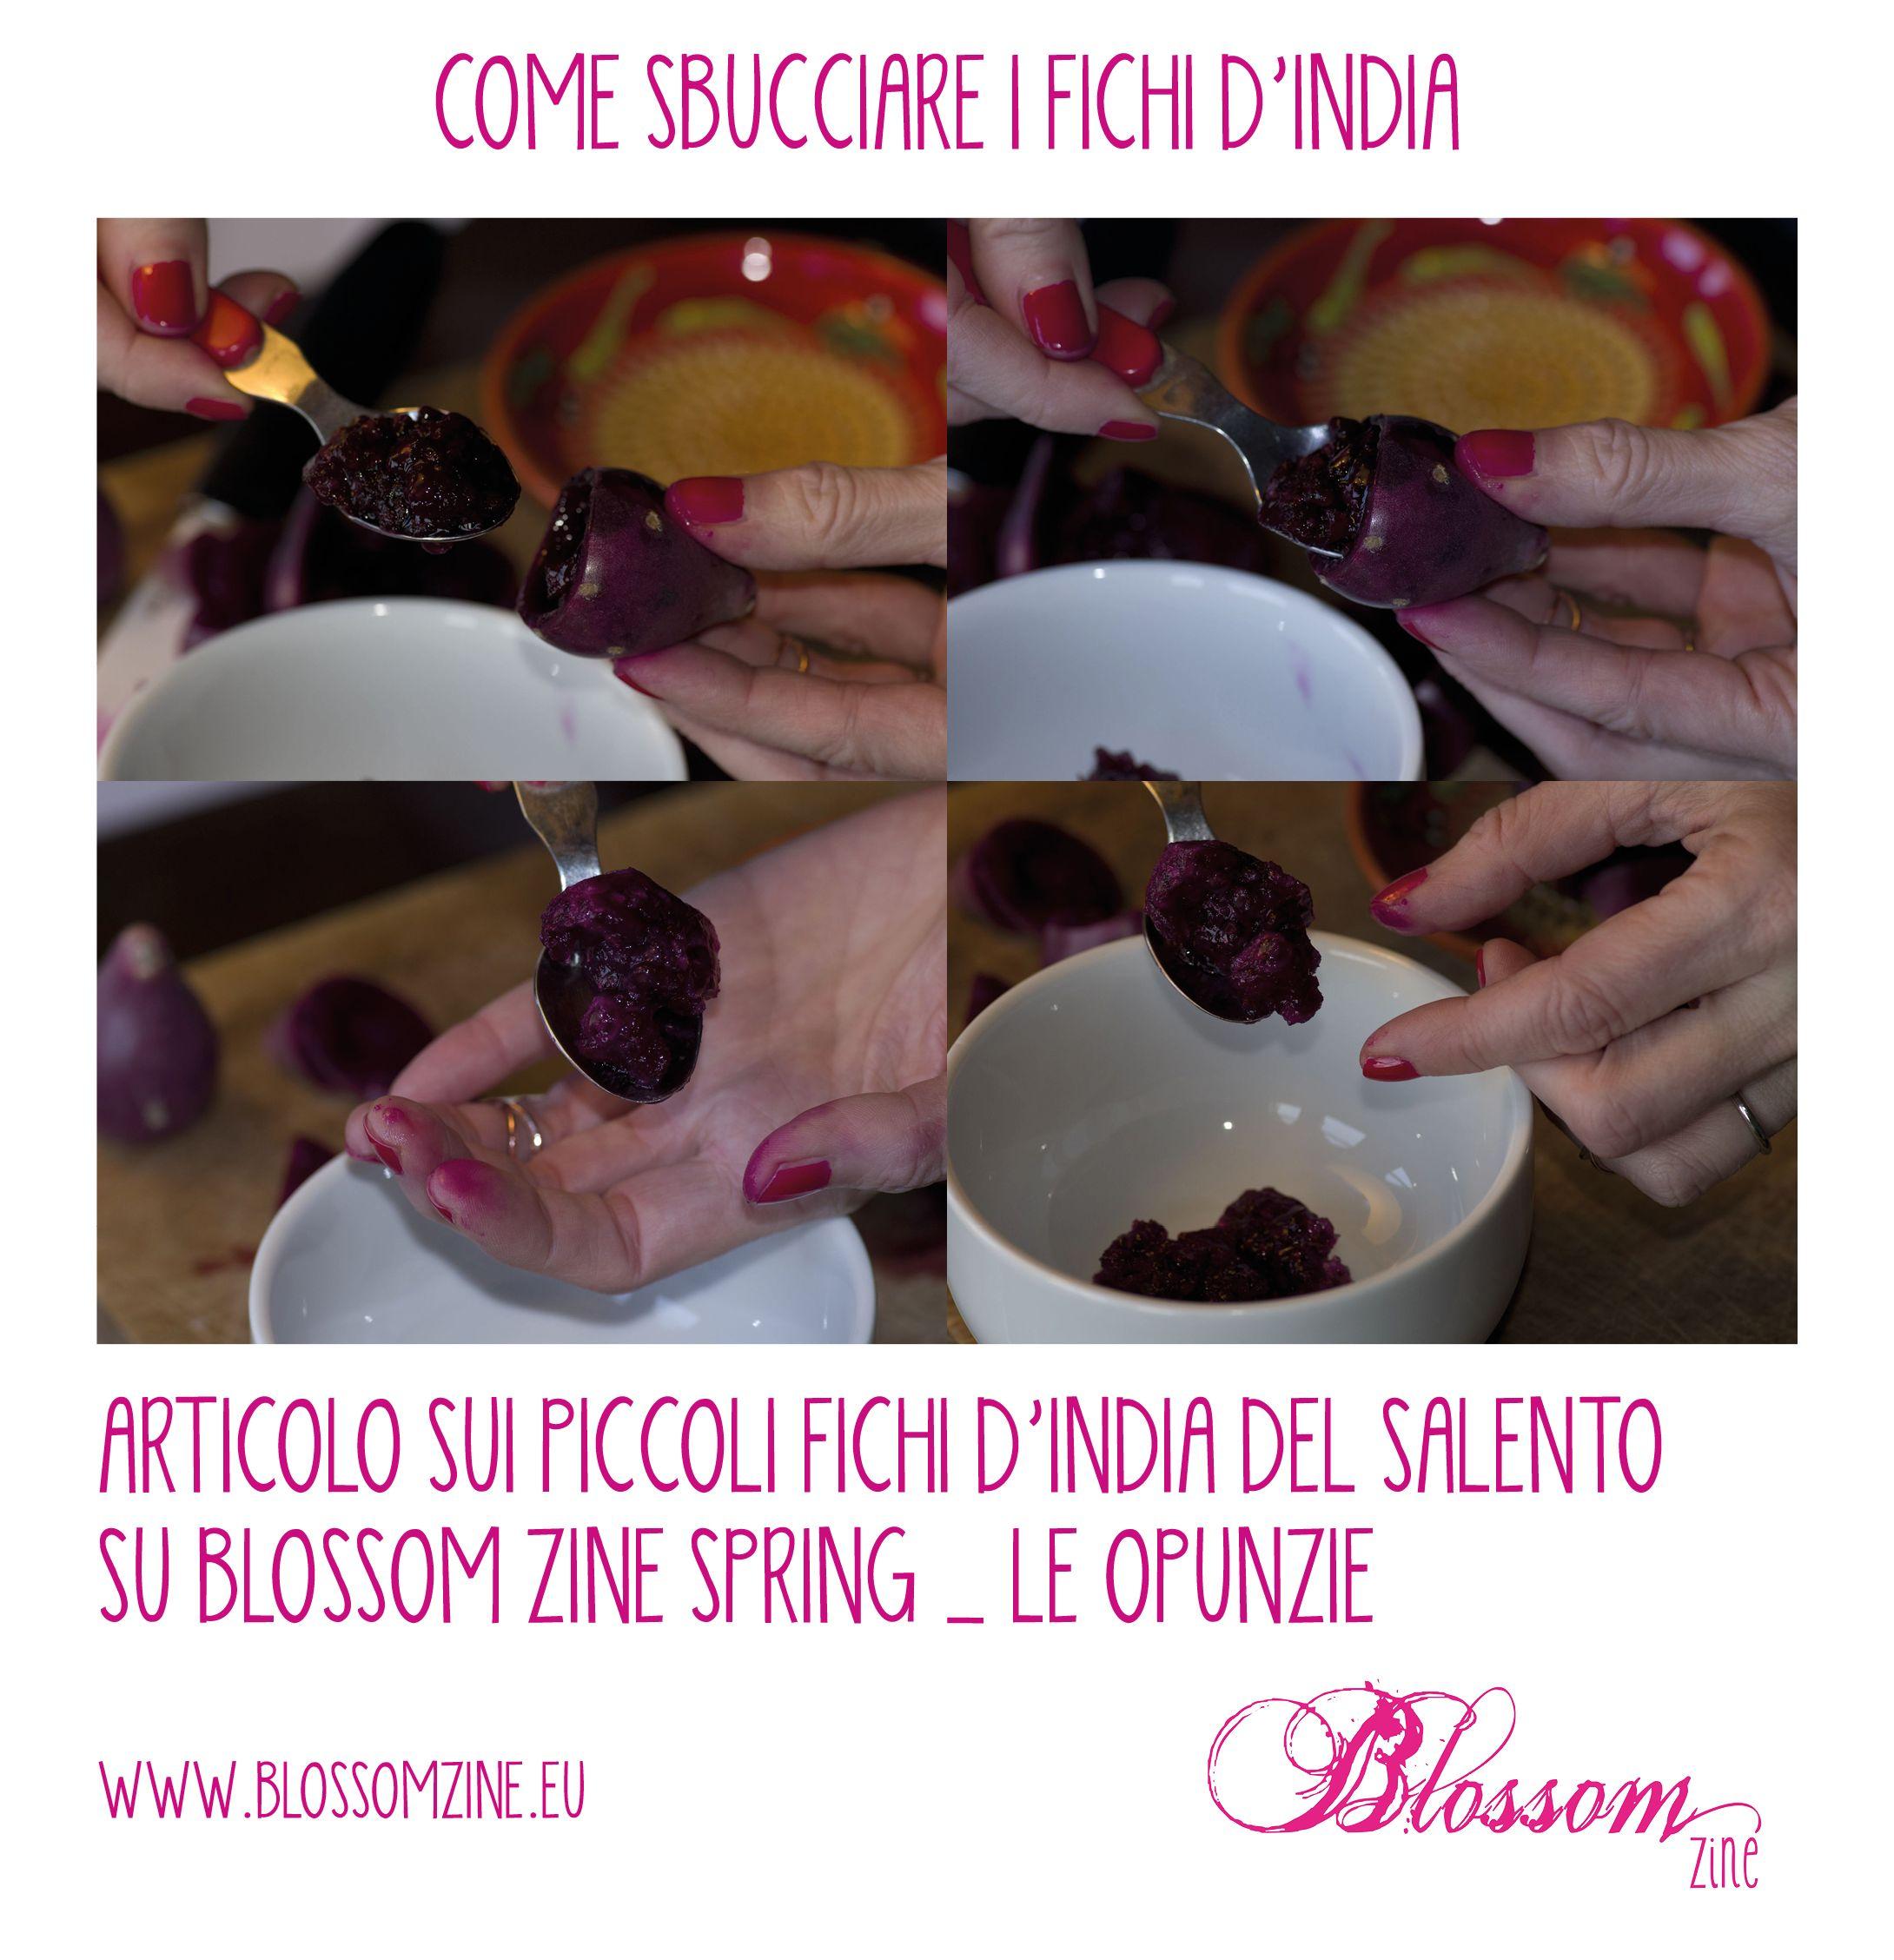 TAGLIO FICO DINDIA22